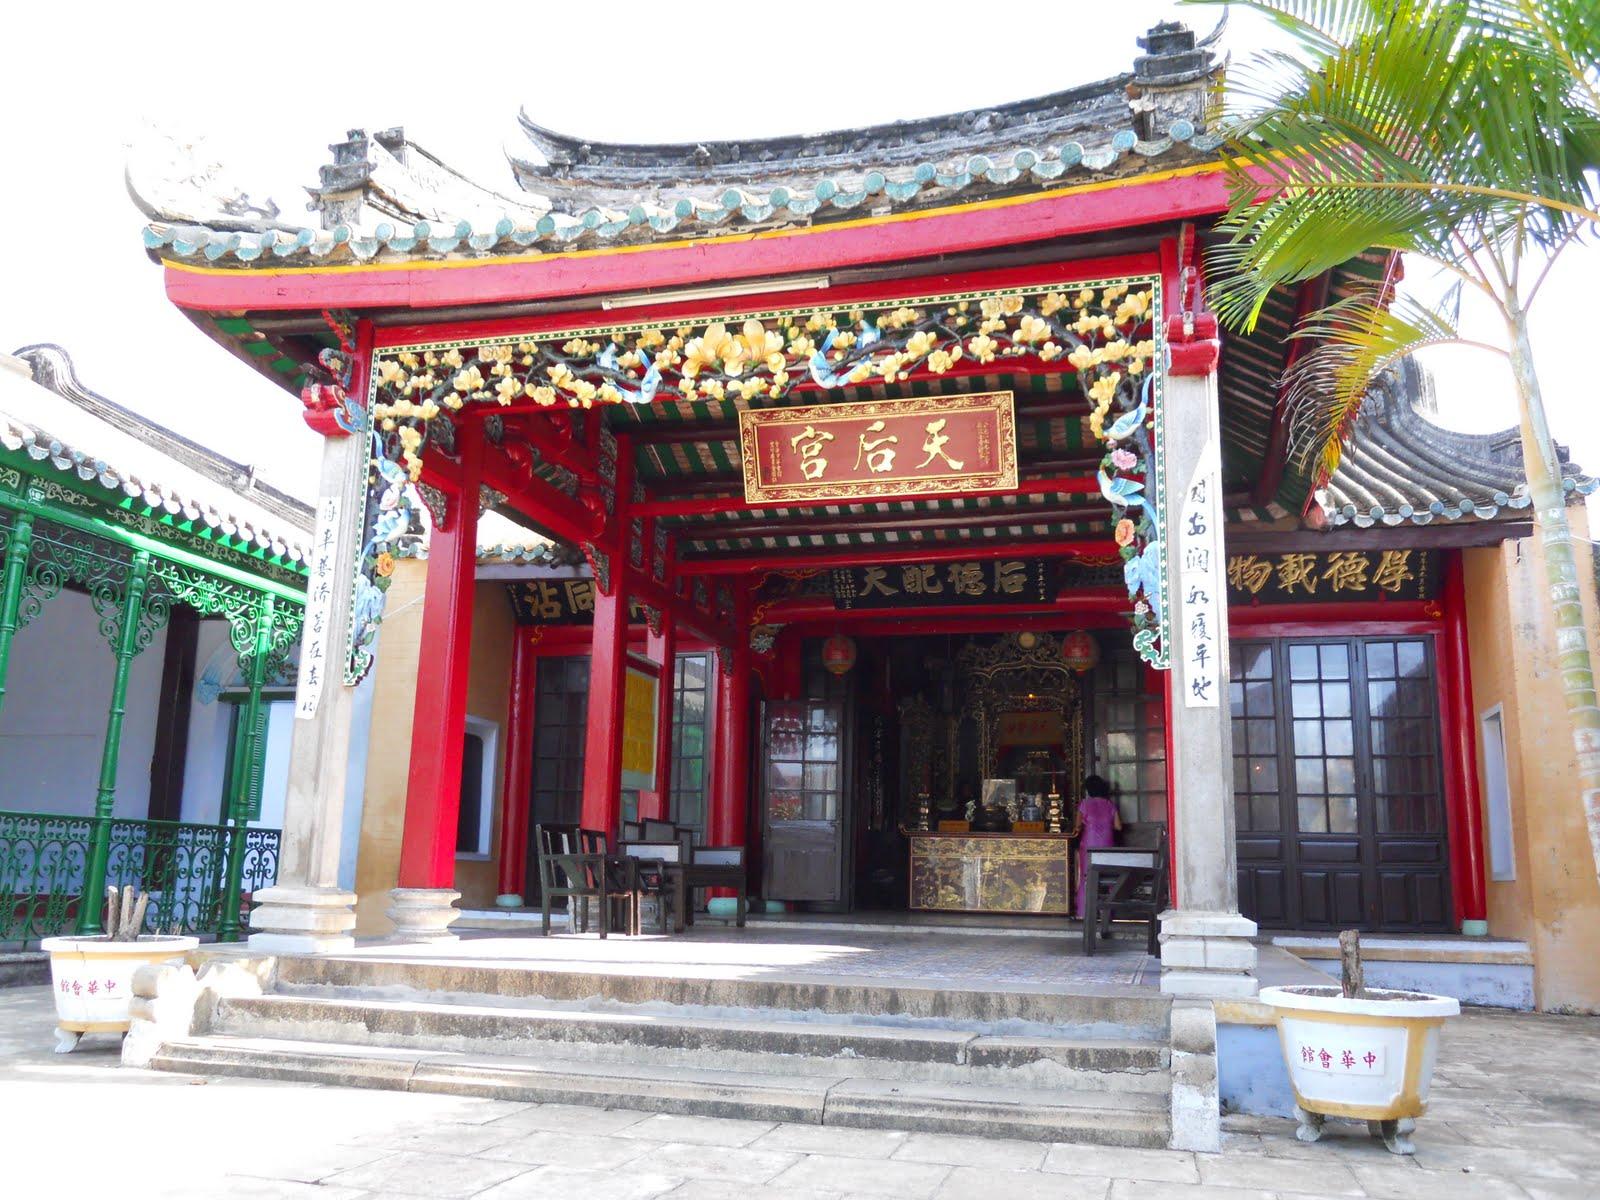 Description: nhung-hoi-quan-tai-hoi-an-h2.jpg